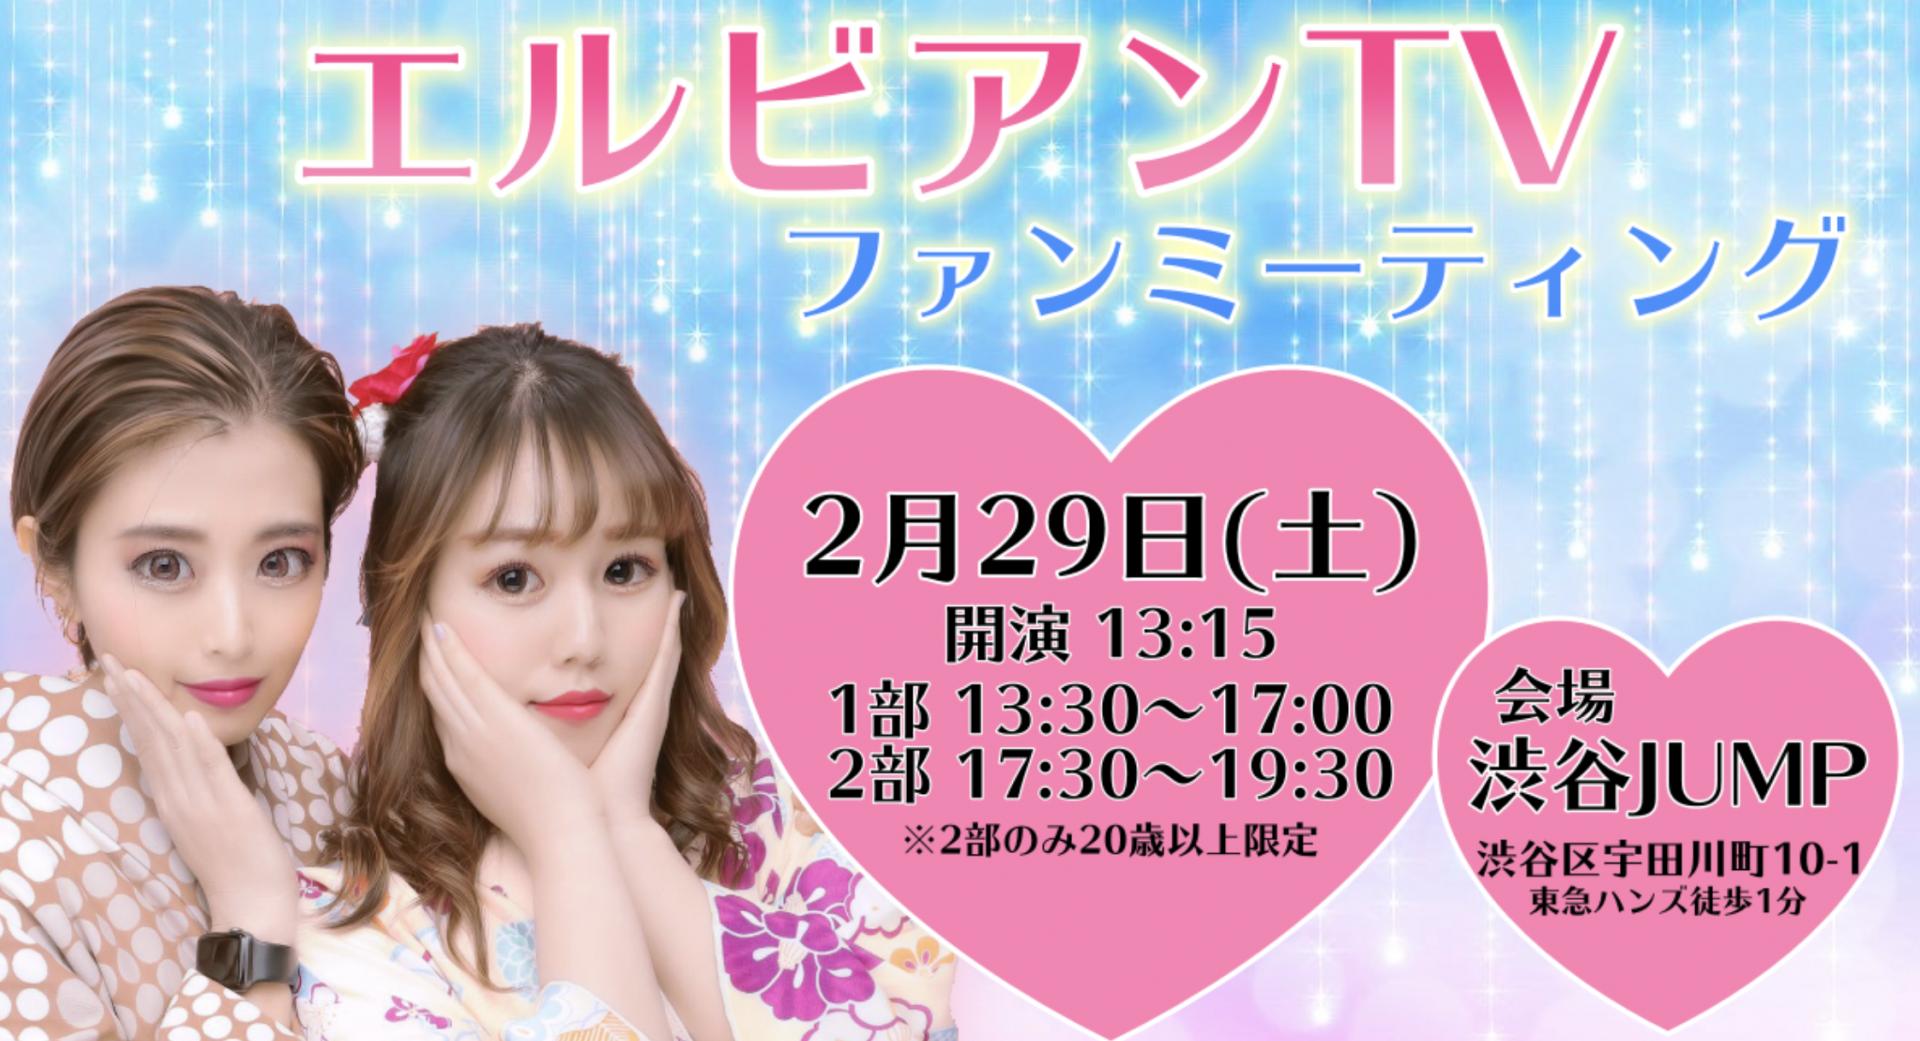 【エルビアンTV】初単独イベント開催決定